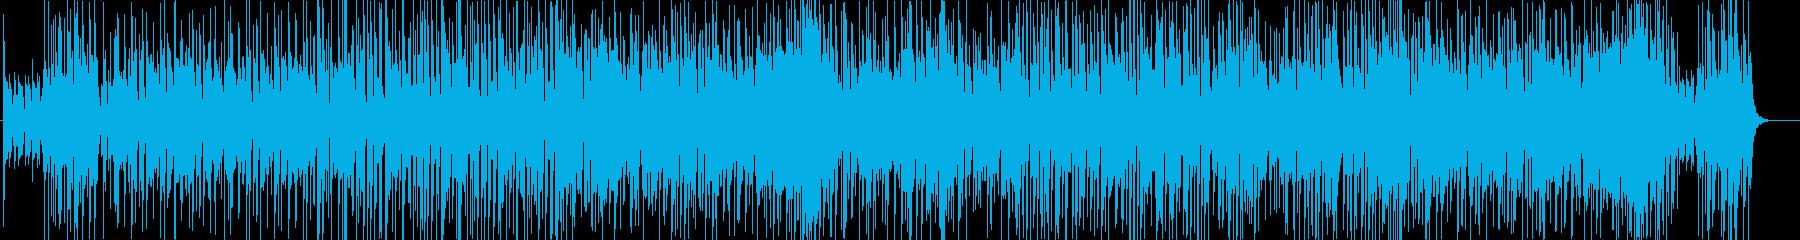 80'sトロピカル風サウンドの再生済みの波形